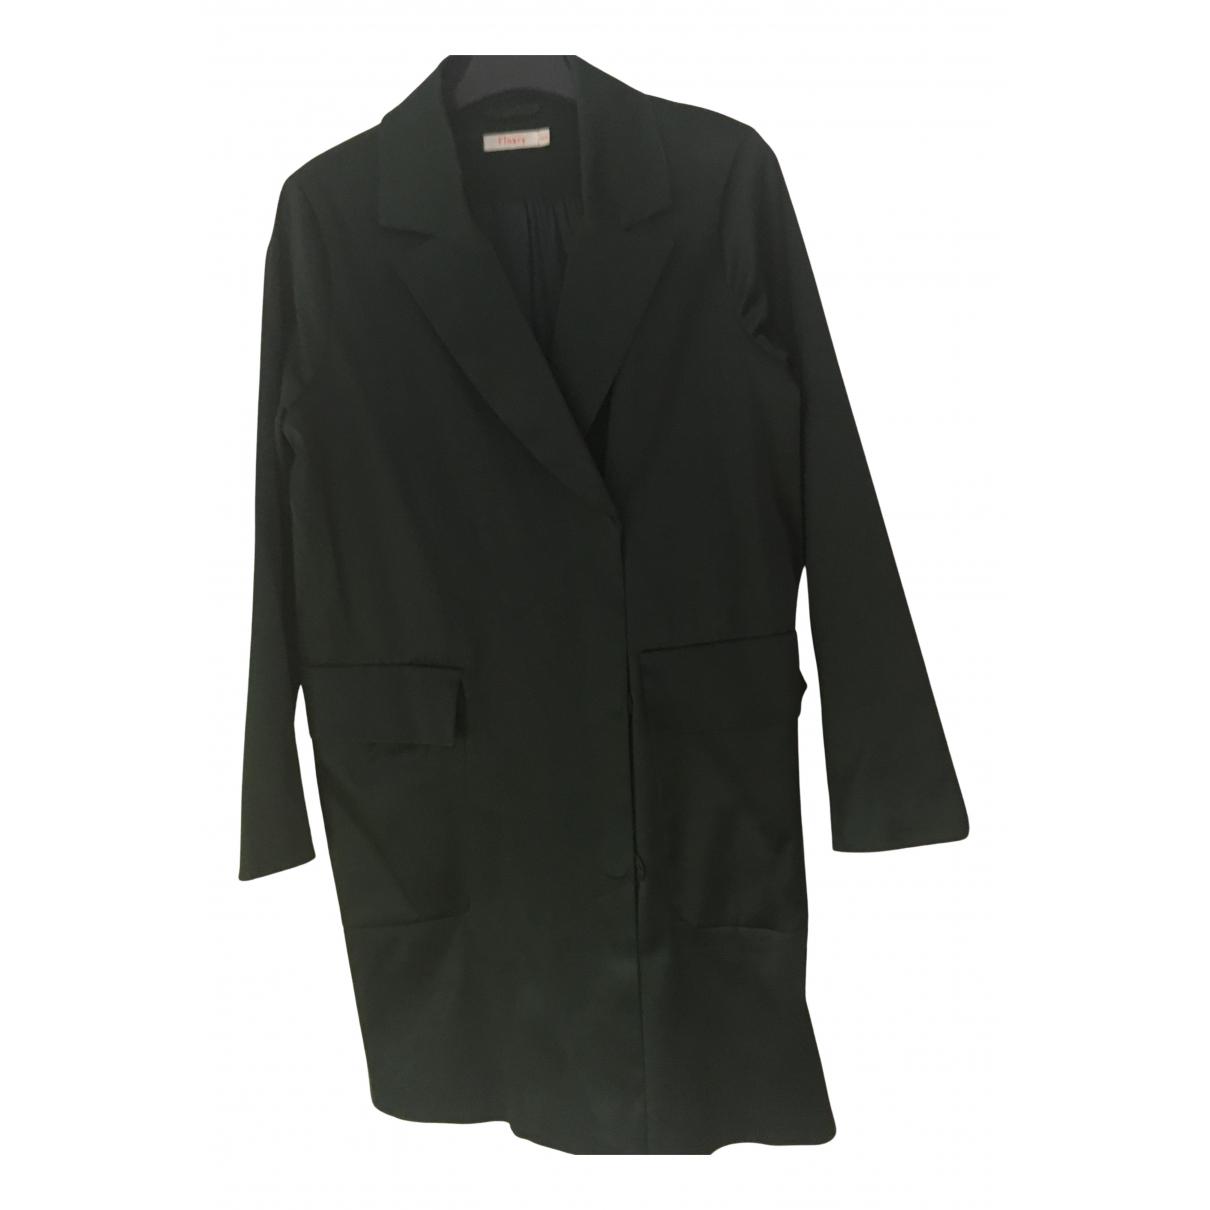 Finery - Manteau   pour femme en coton - vert